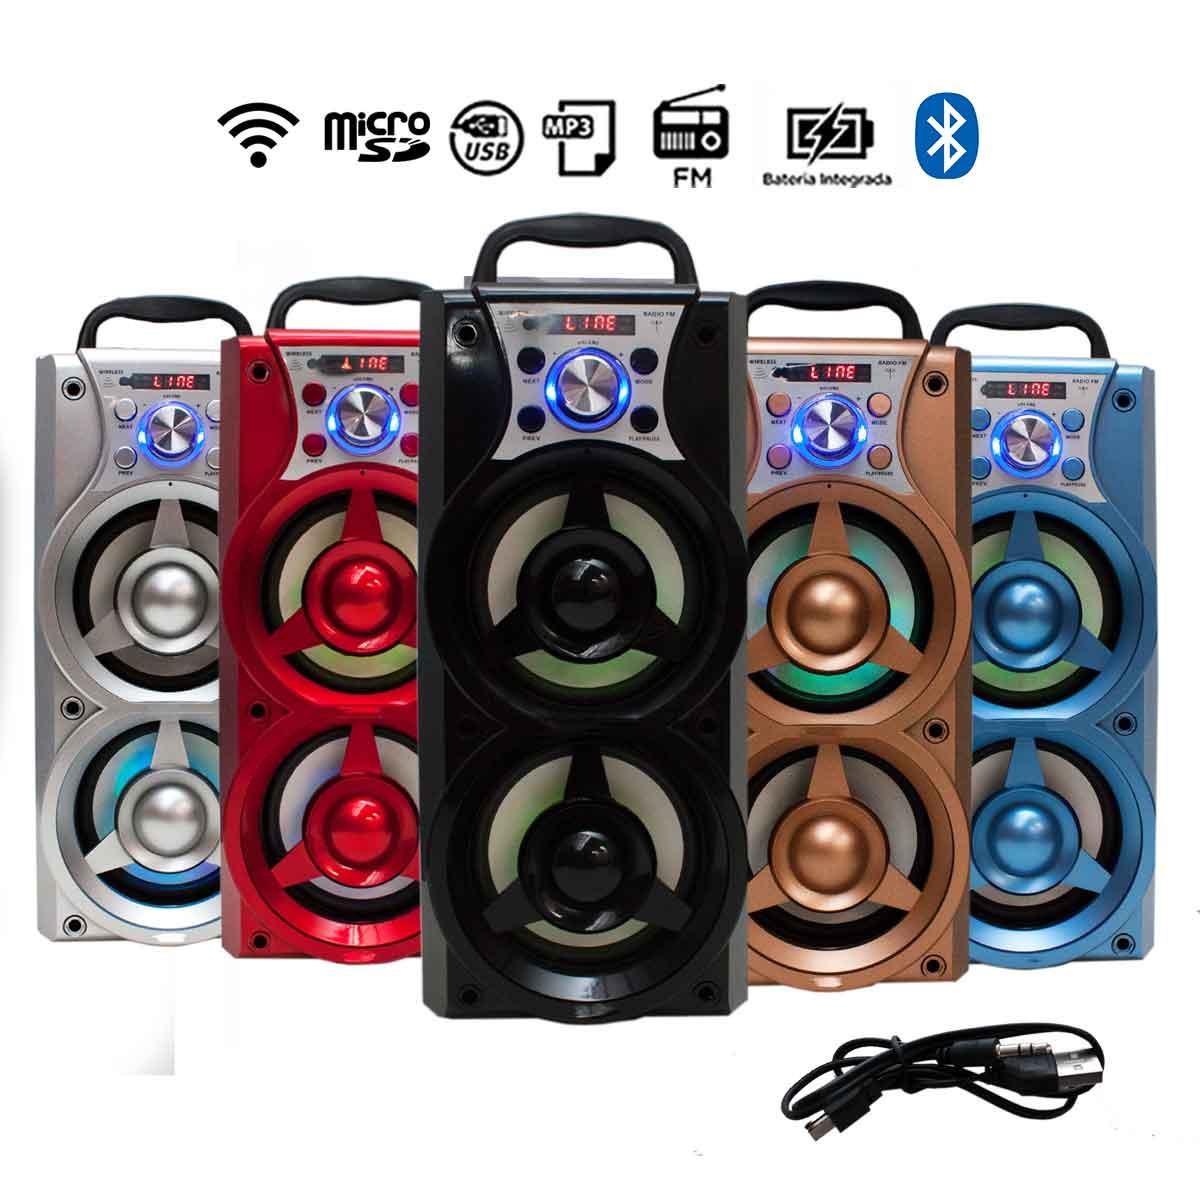 Caixa Som Portátil Wireless Bluetooth 5W Cartão Usb Rádio